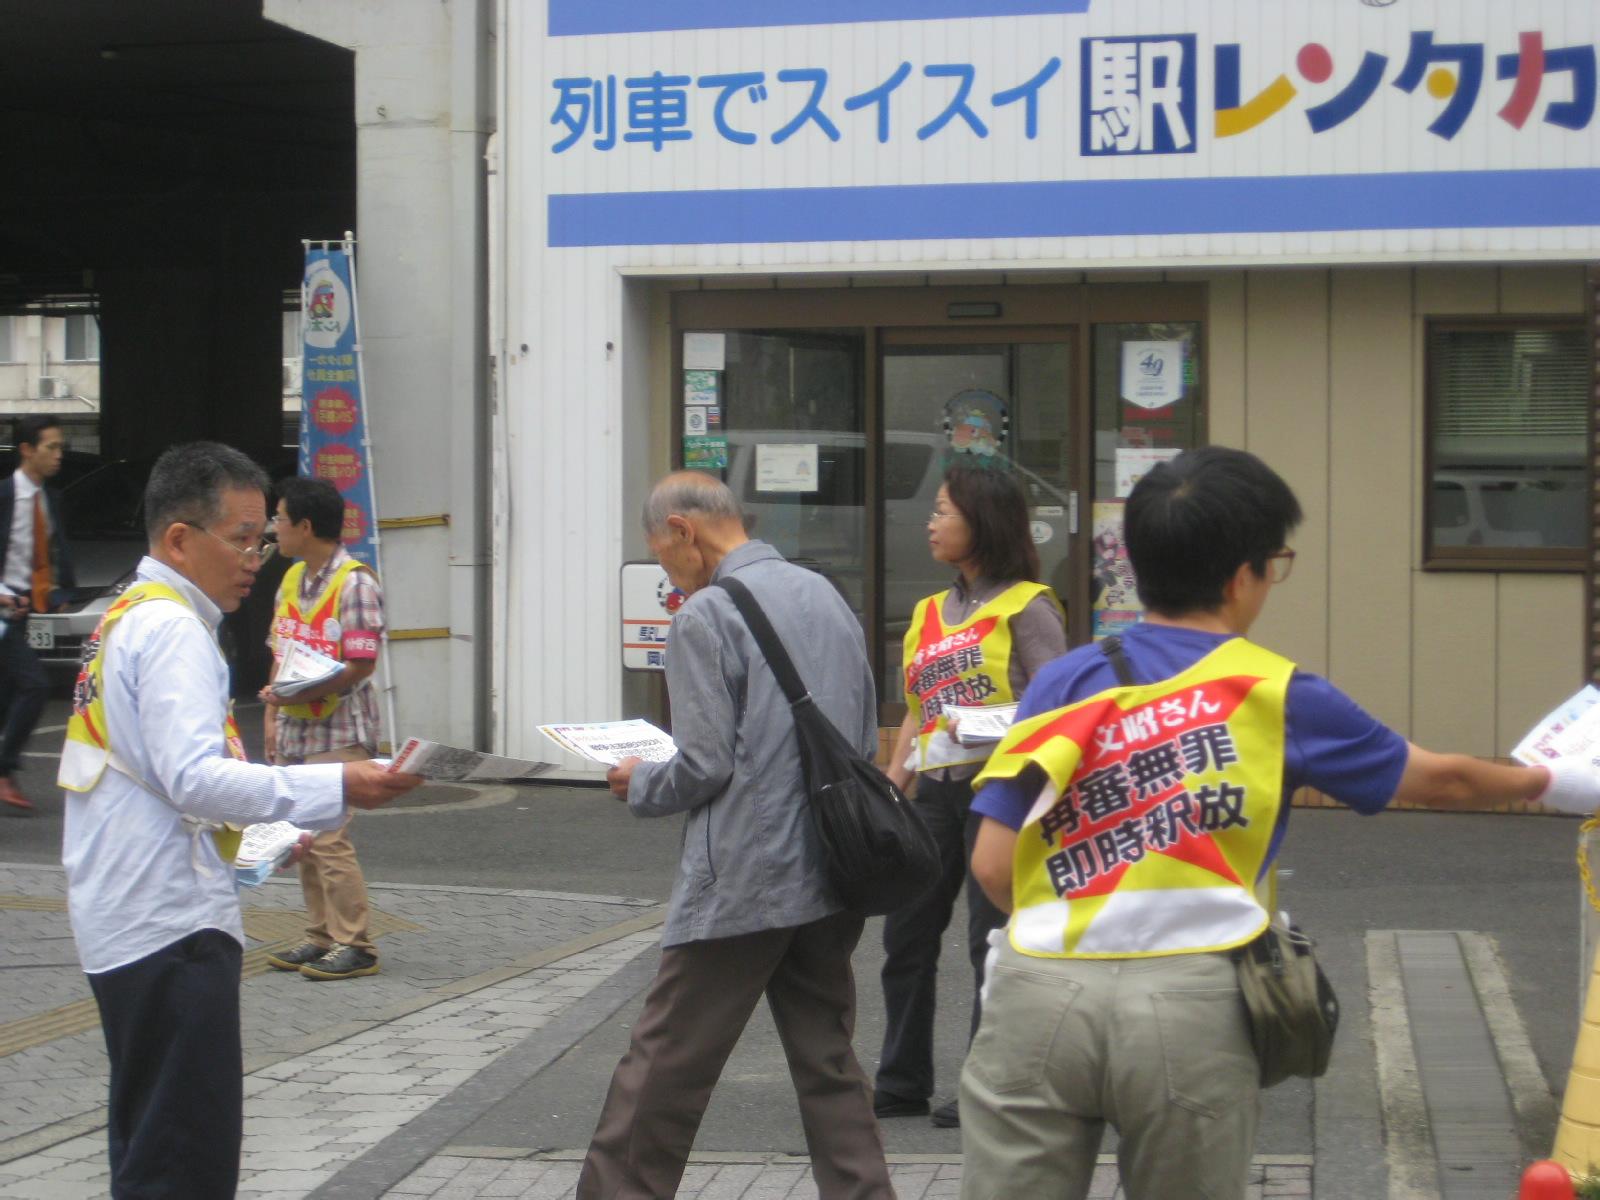 9月3日、岡山駅東口ホテルグランヴィア前で星野文昭絵画展ビラを配りました_d0155415_1453211.jpg